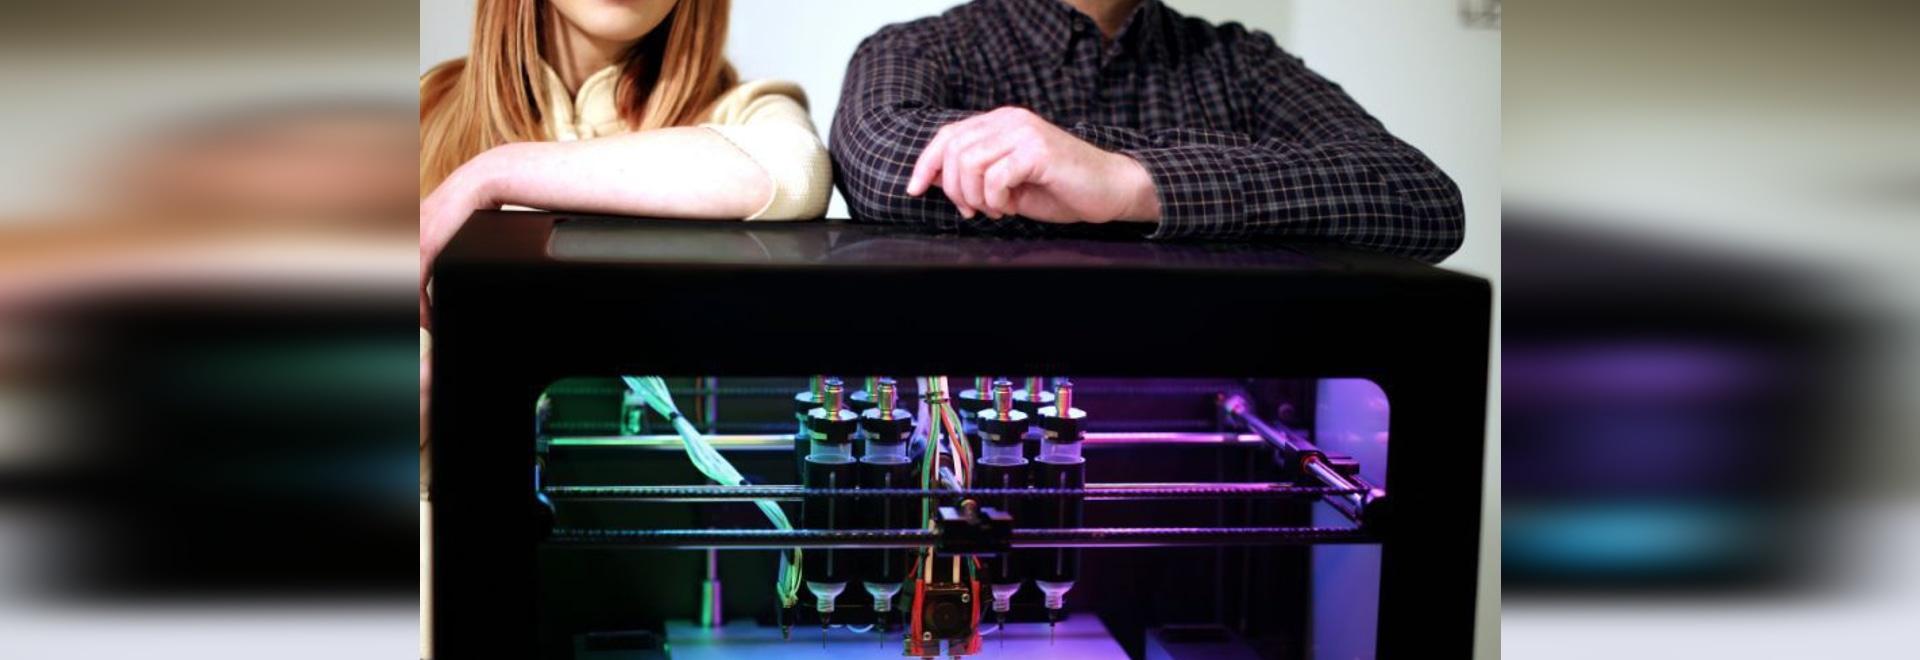 Associés de Procter & Gamble avec l'éther sur l'impression 3D et l'intelligence artificielle